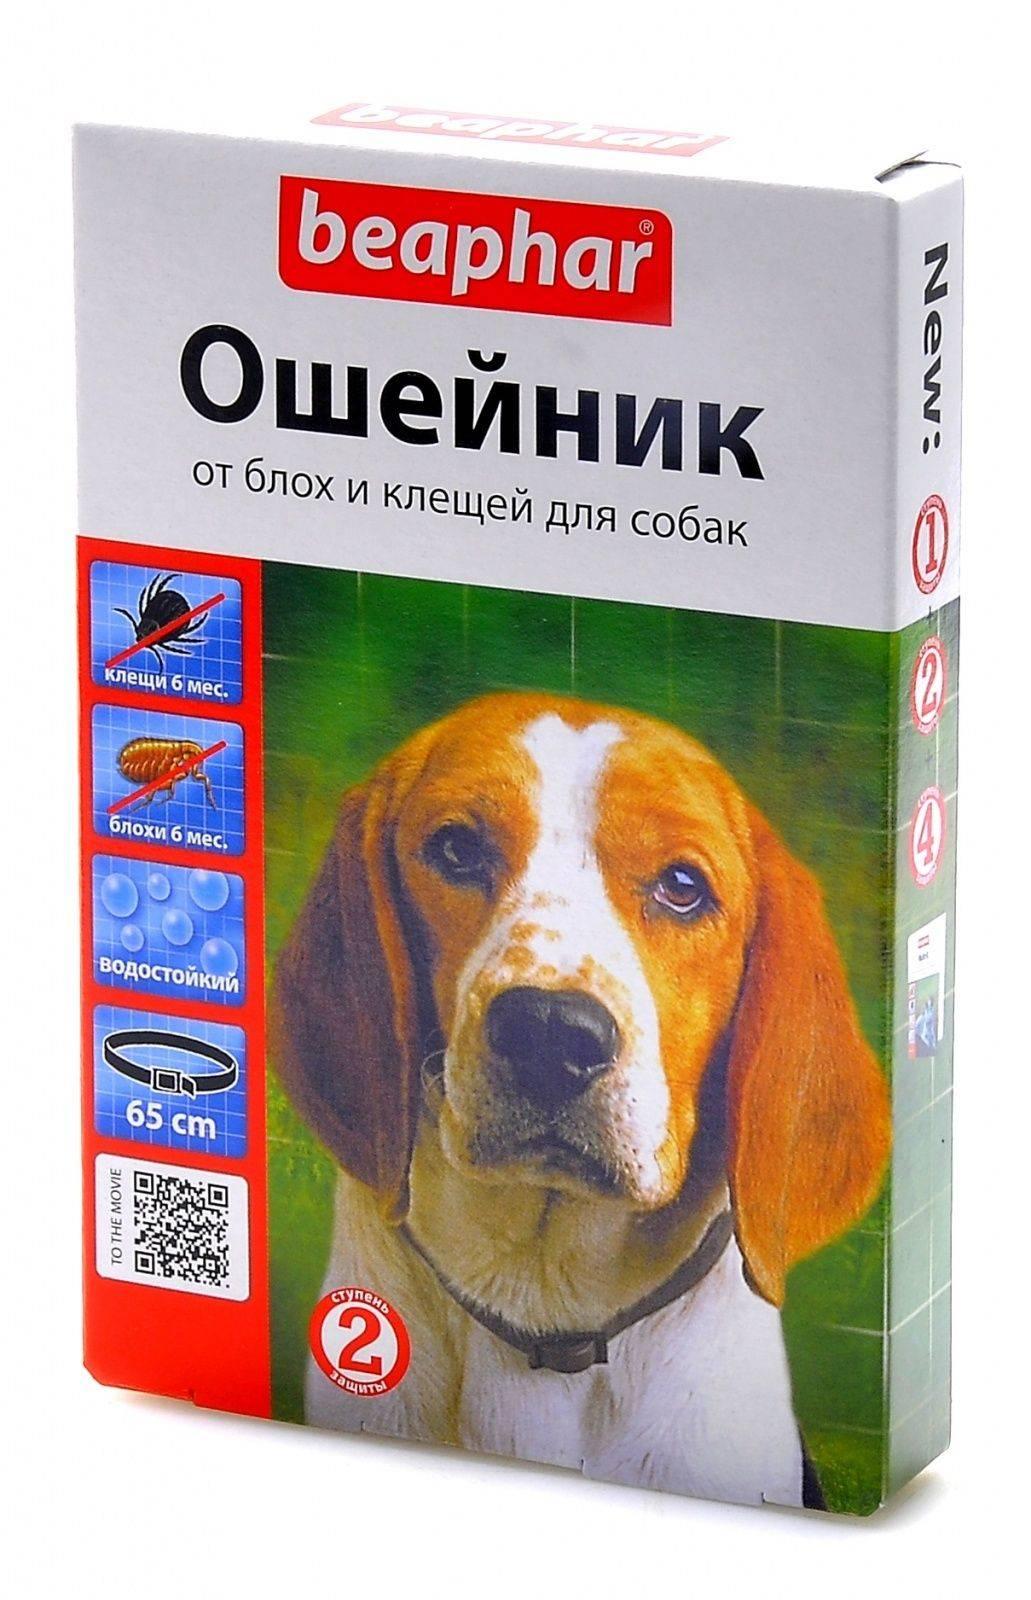 Ошейник от клещей для собак и щенков: использование и меры предосторожности